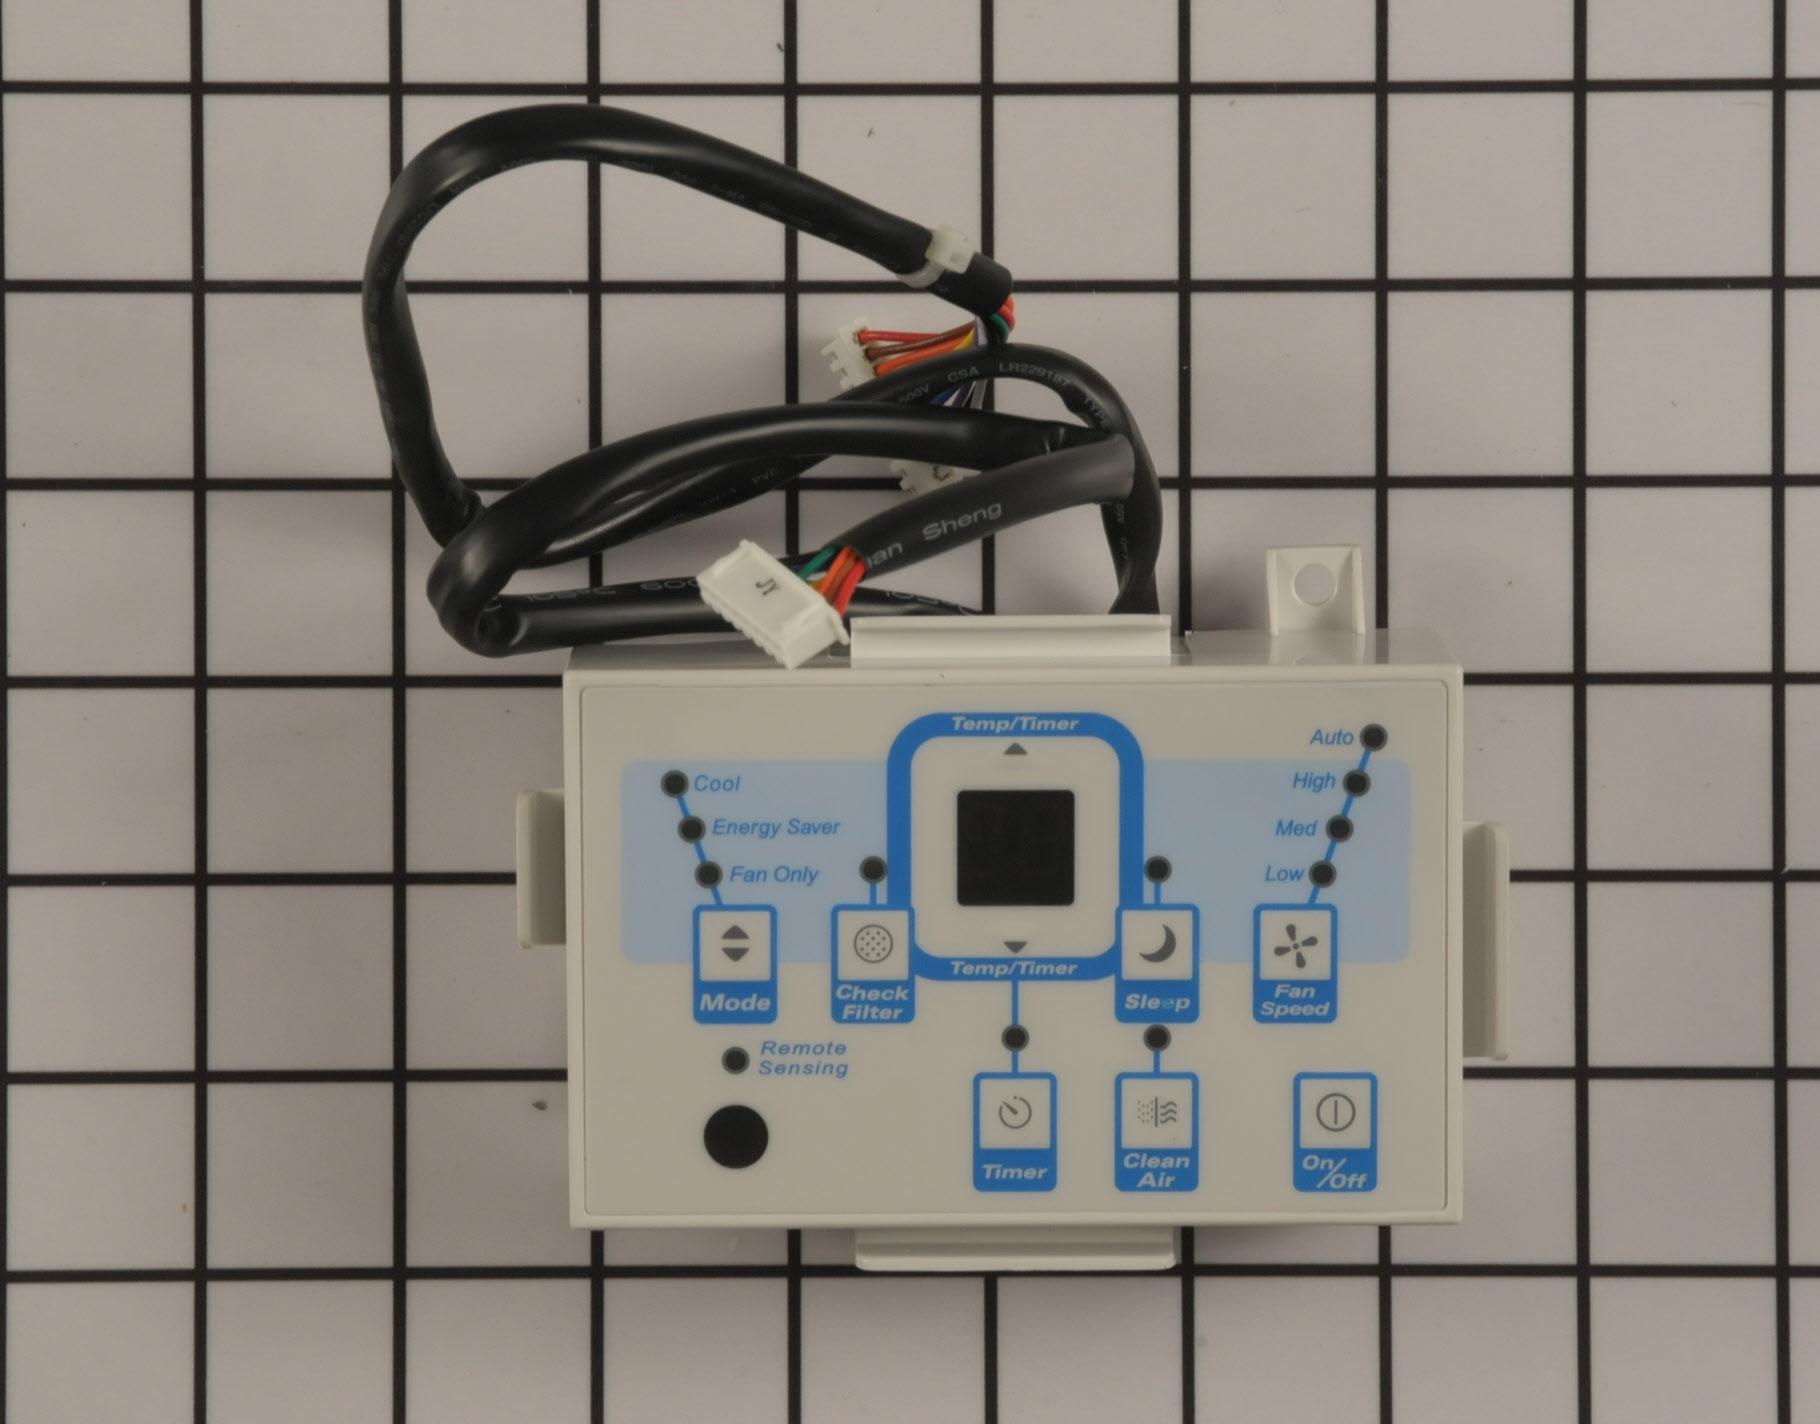 Frigidaire Air Conditioner Part # 5304465394 - Control Panel